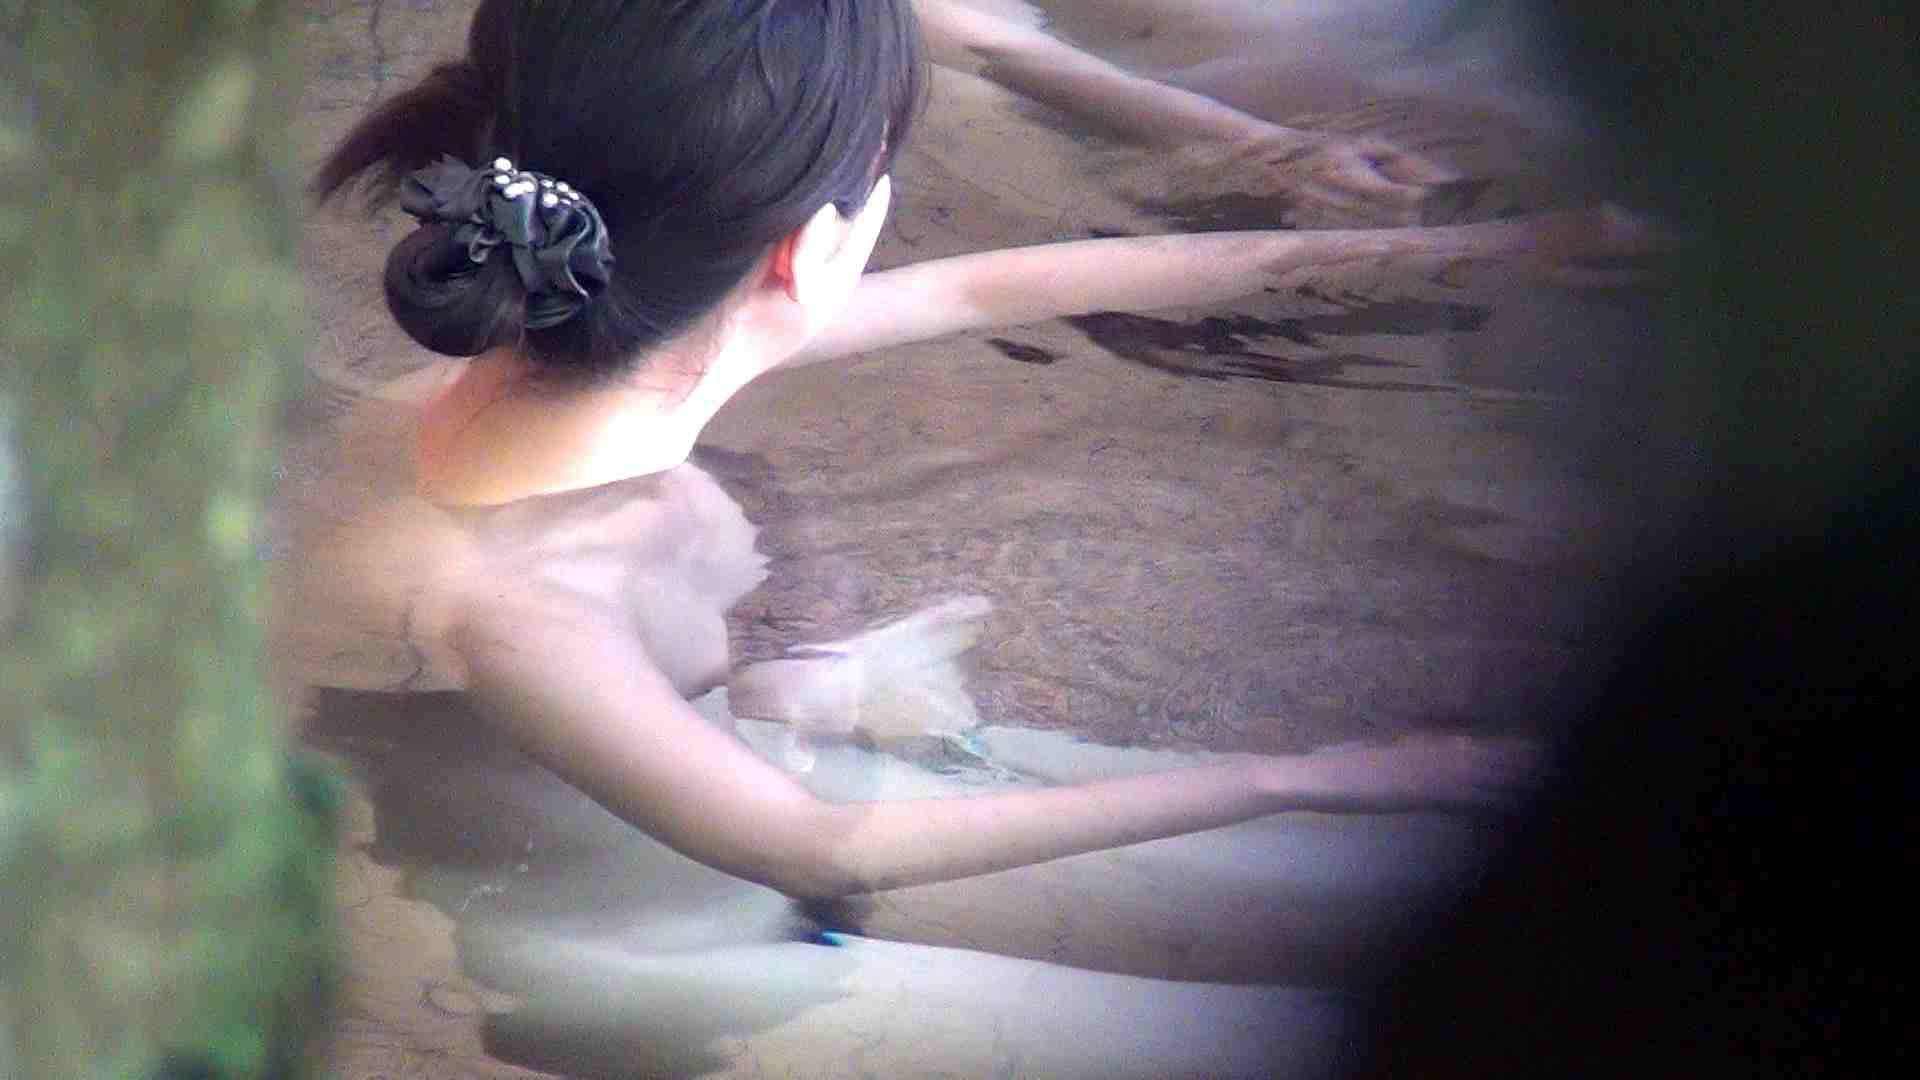 Aquaな露天風呂Vol.285 盗撮シリーズ  106PIX 92